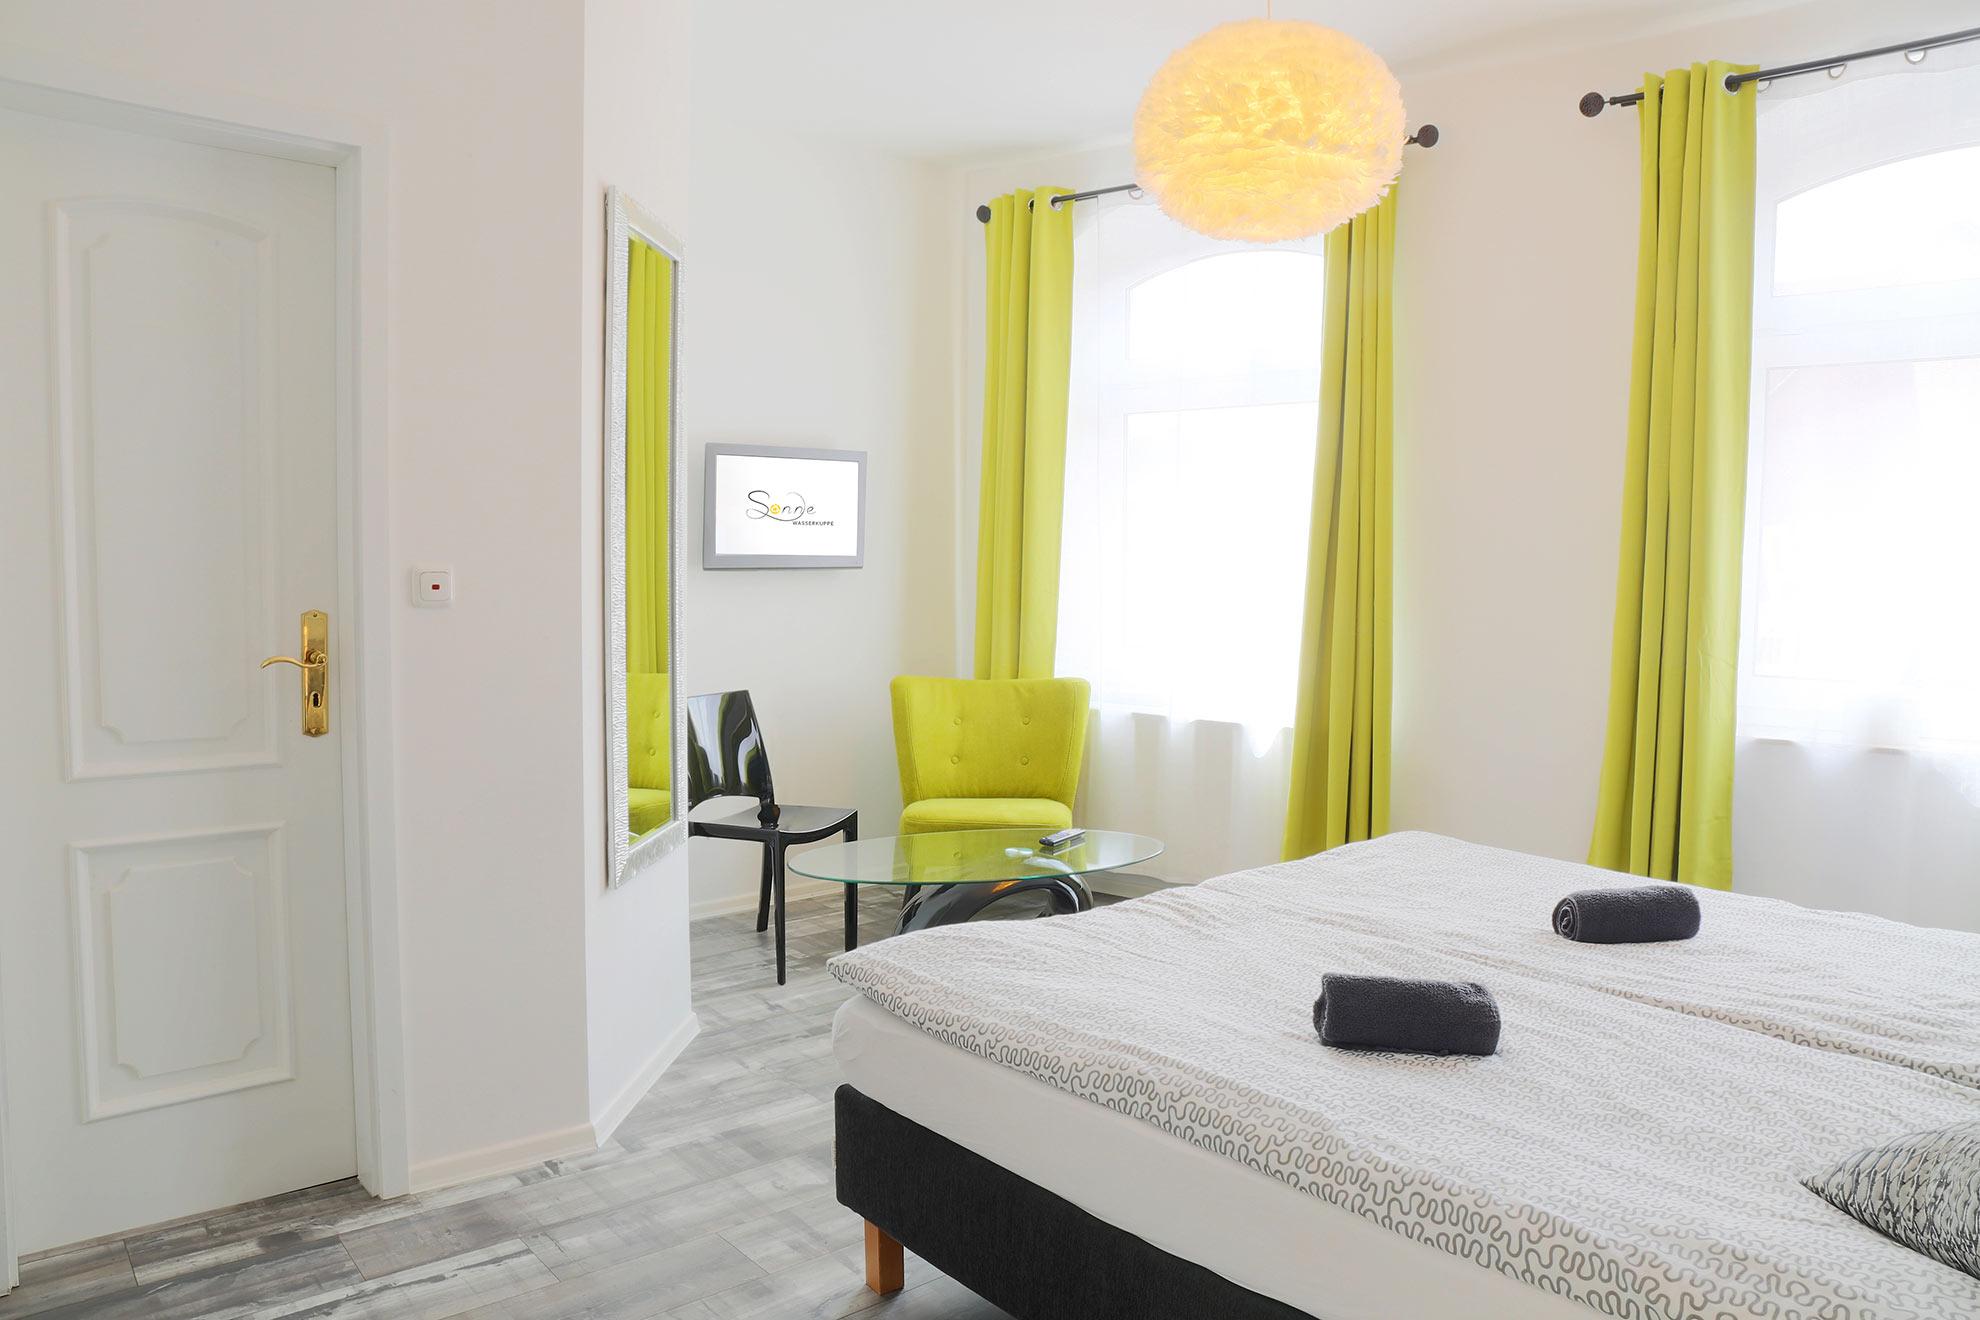 Zimmer Molino mit runden Designelementen